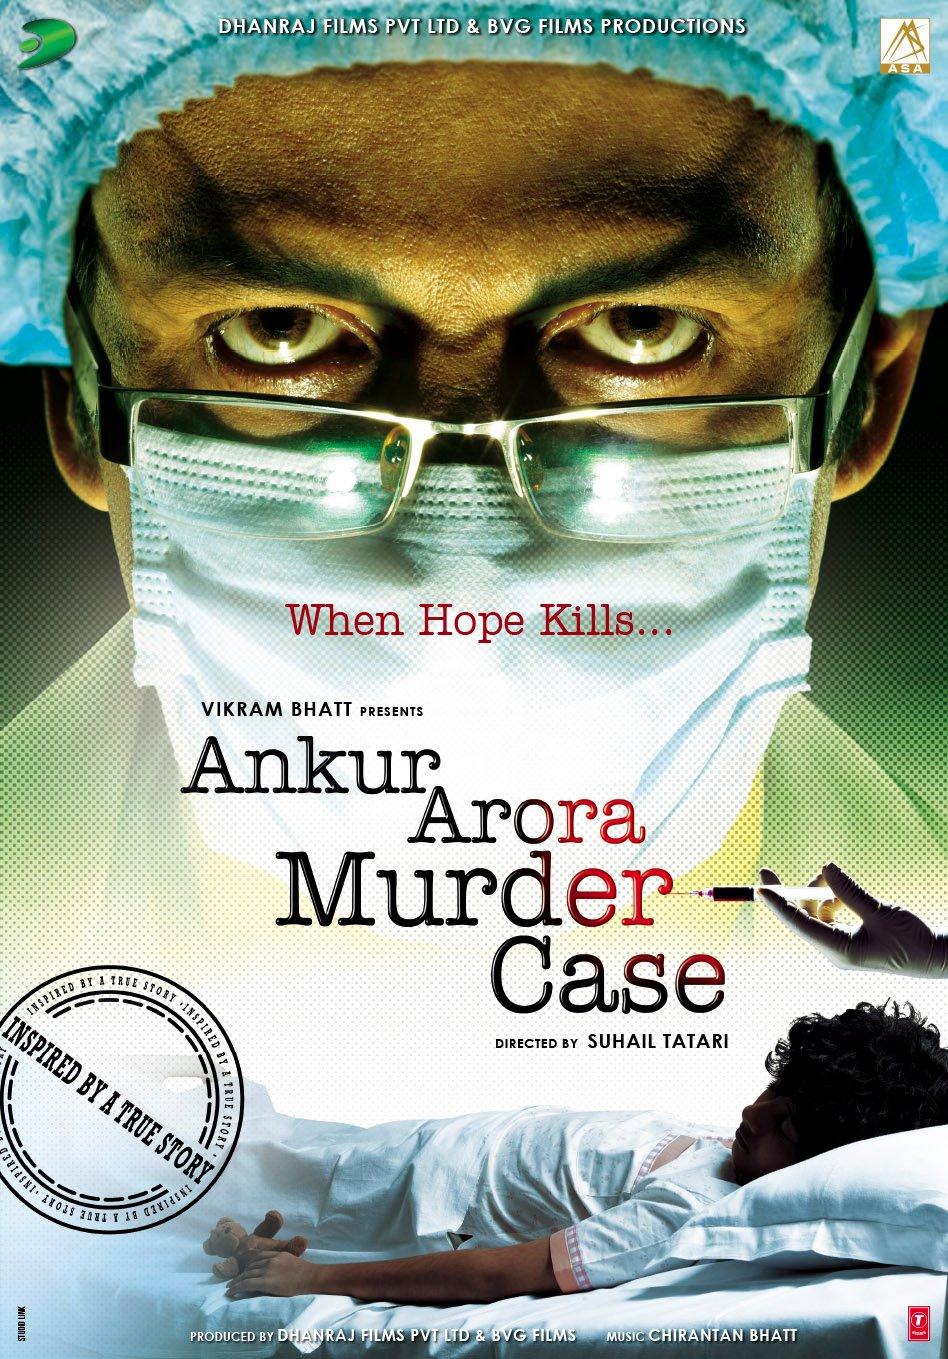 Ankur Arora Murder Case - Movie Poster #3 (Original)